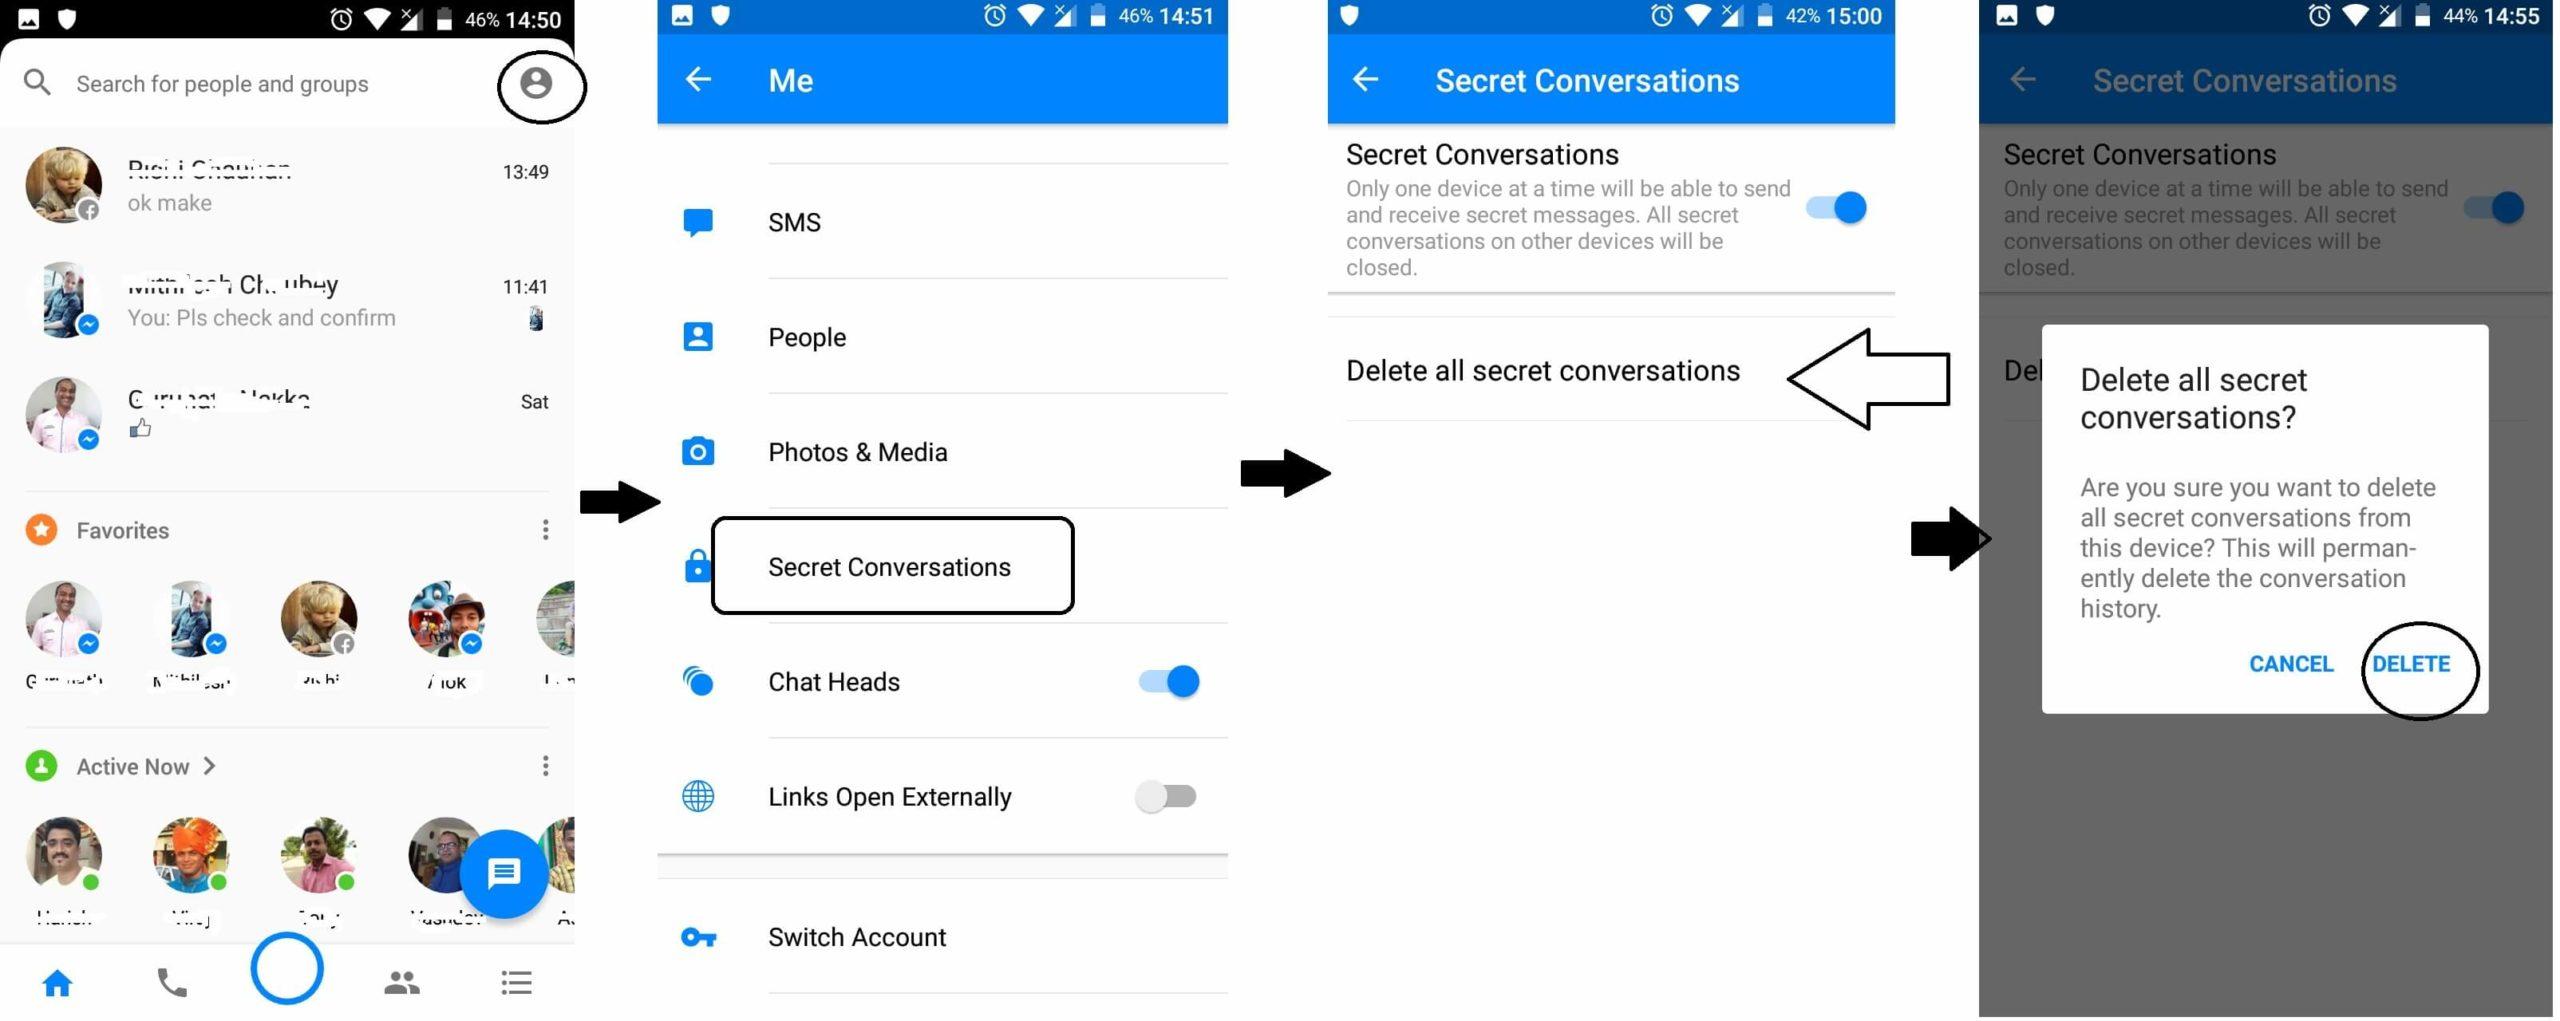 Delete Secret Conversations (2)